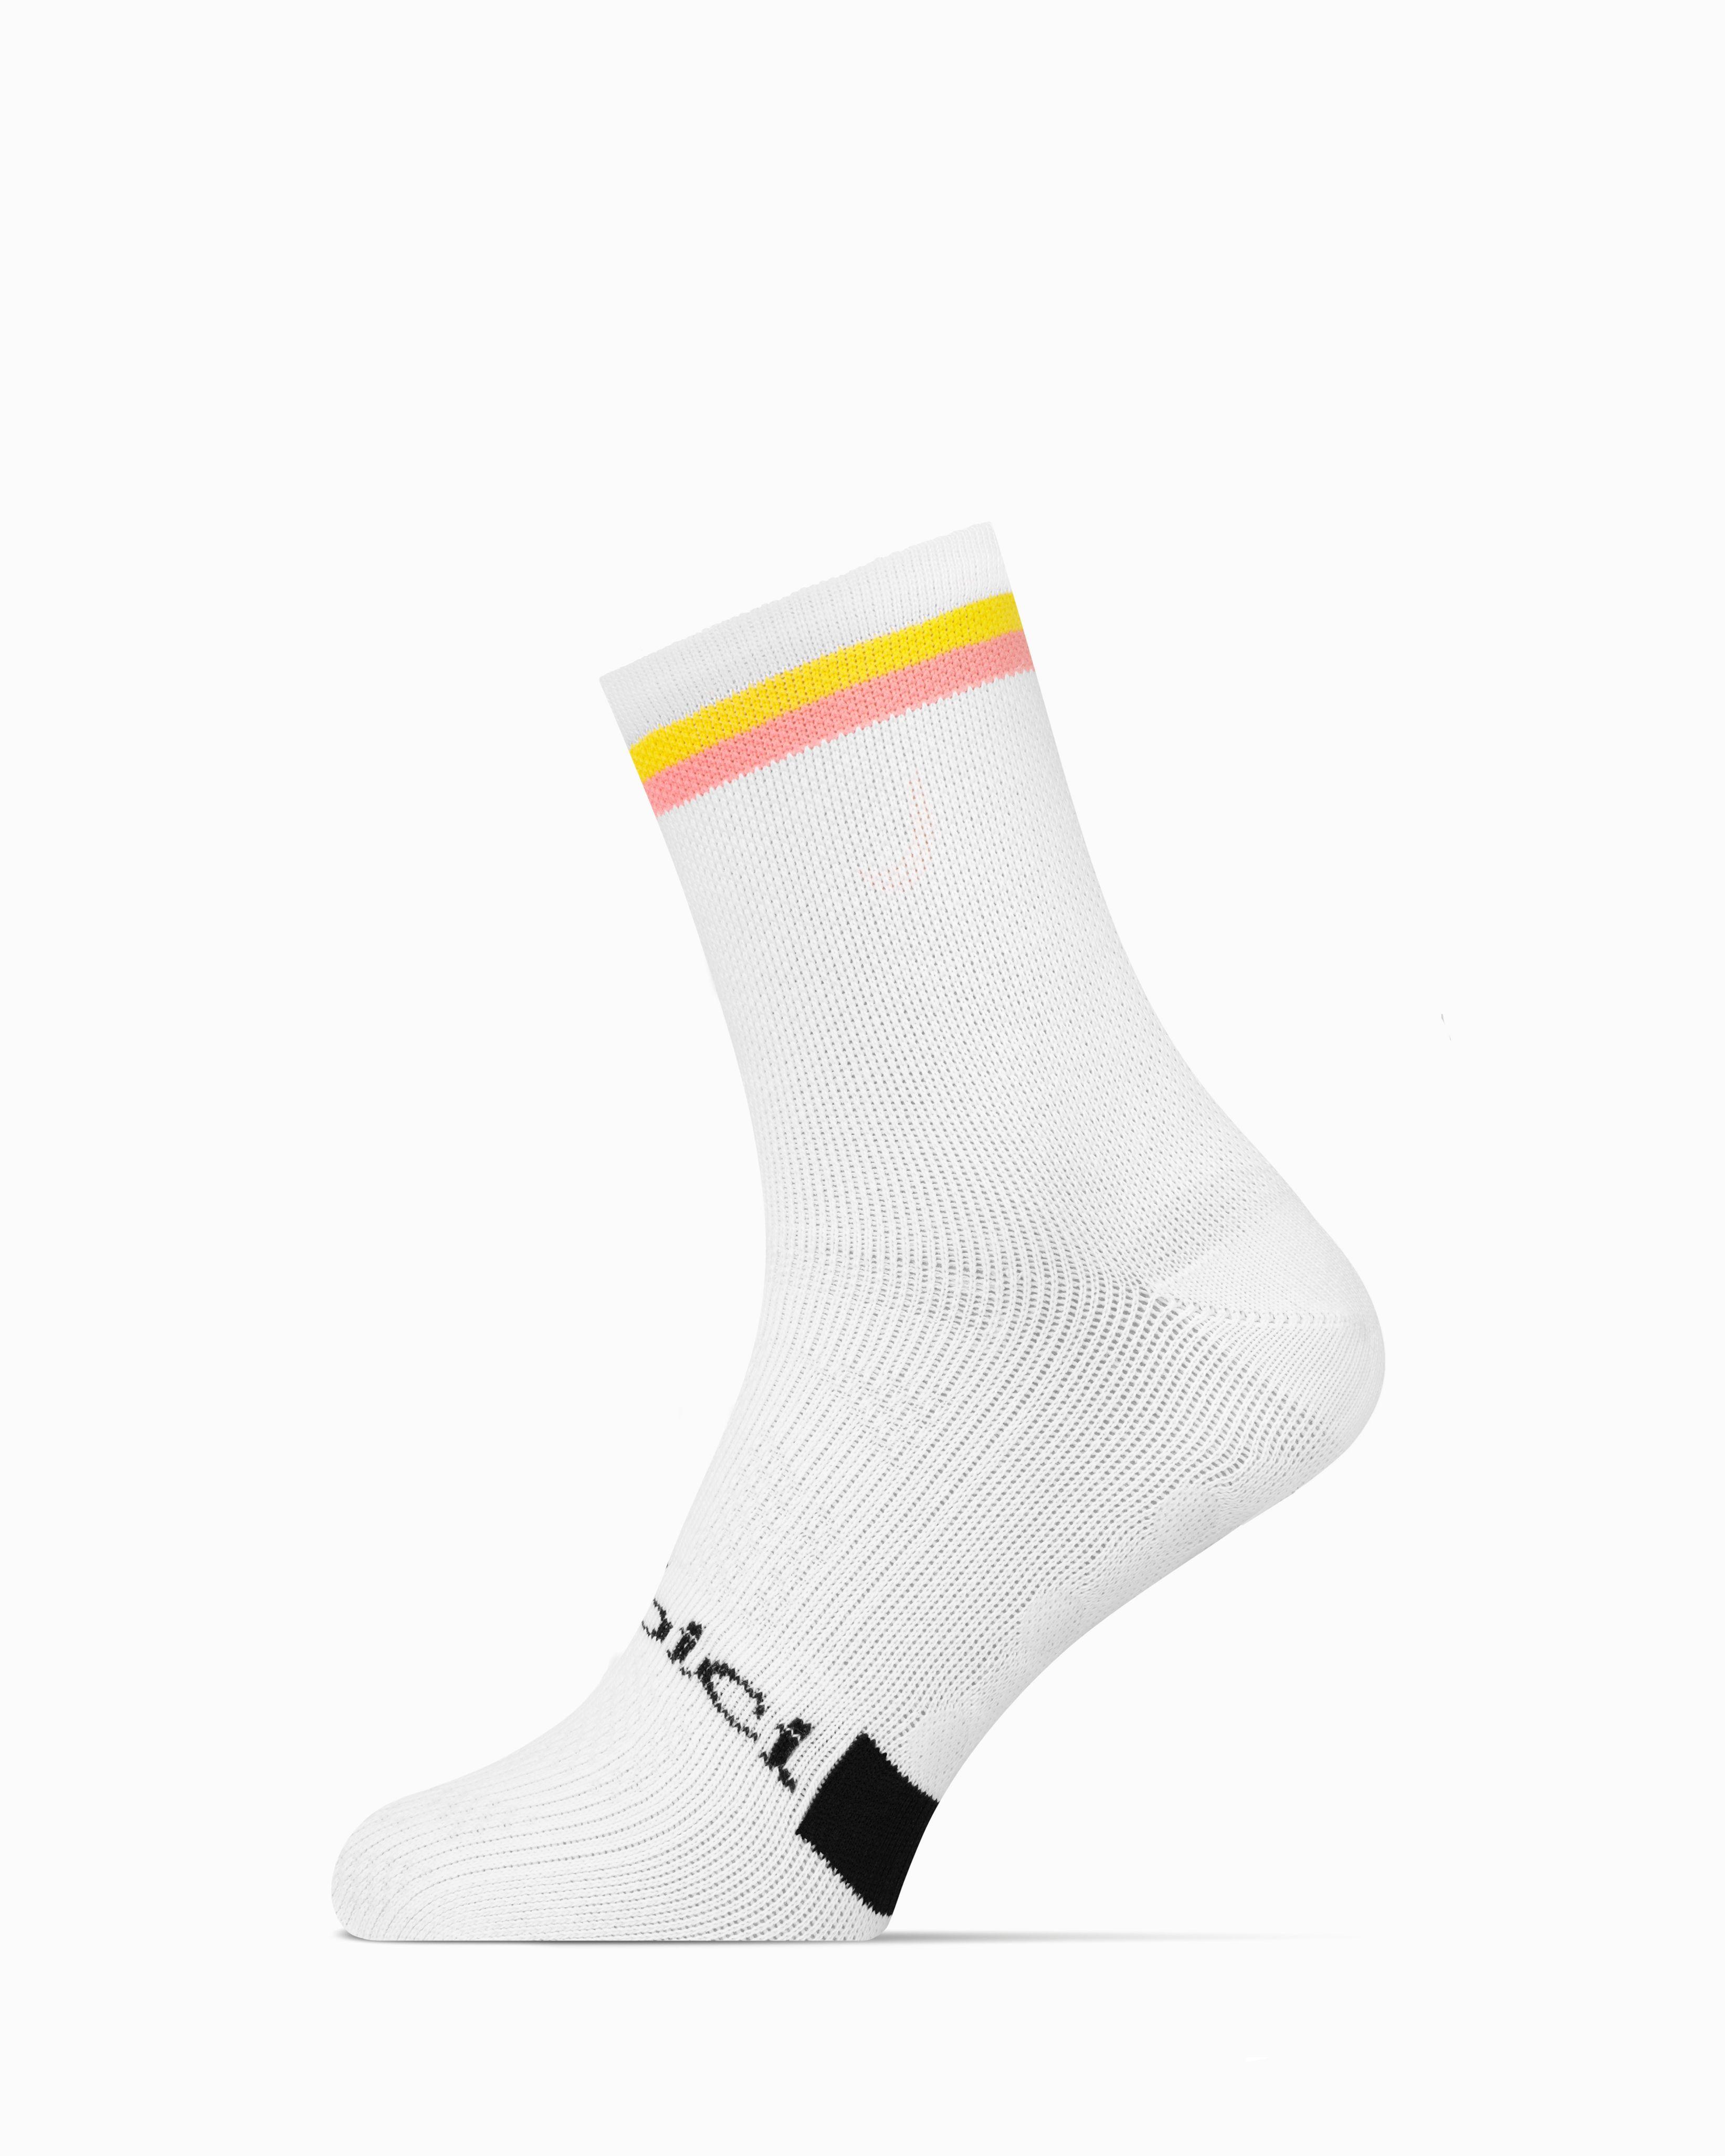 Premgripp Socks (White)